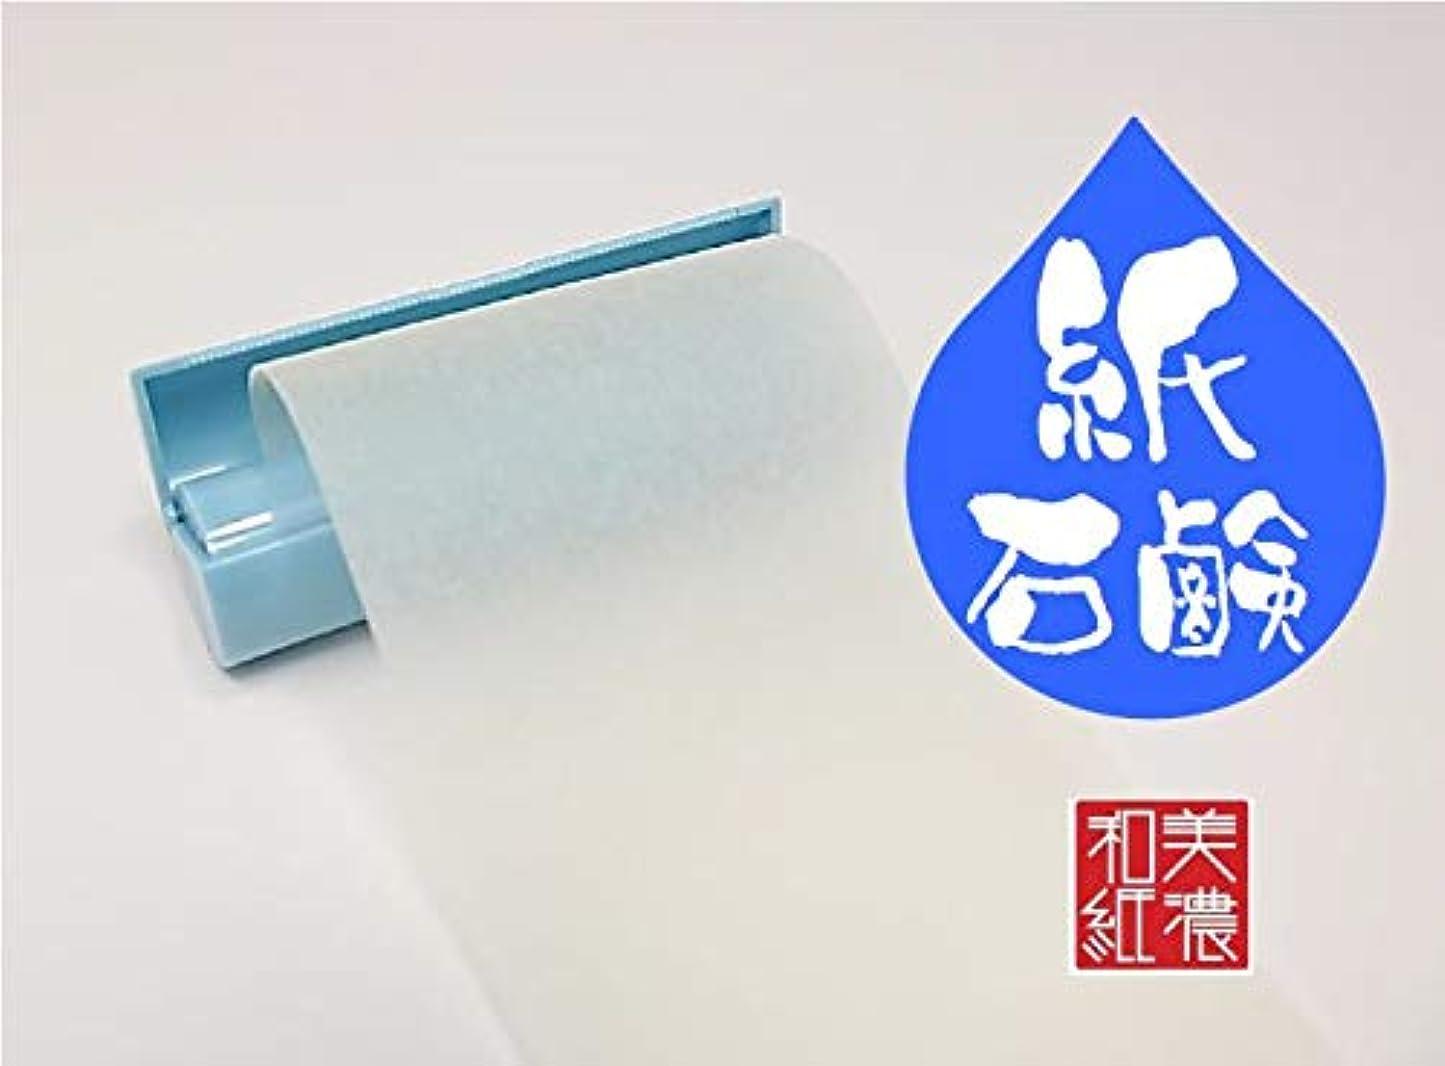 壁白鳥専門用語持ち運び便利!手のひらサイズのフリーカット紙石鹸 (2個セット)